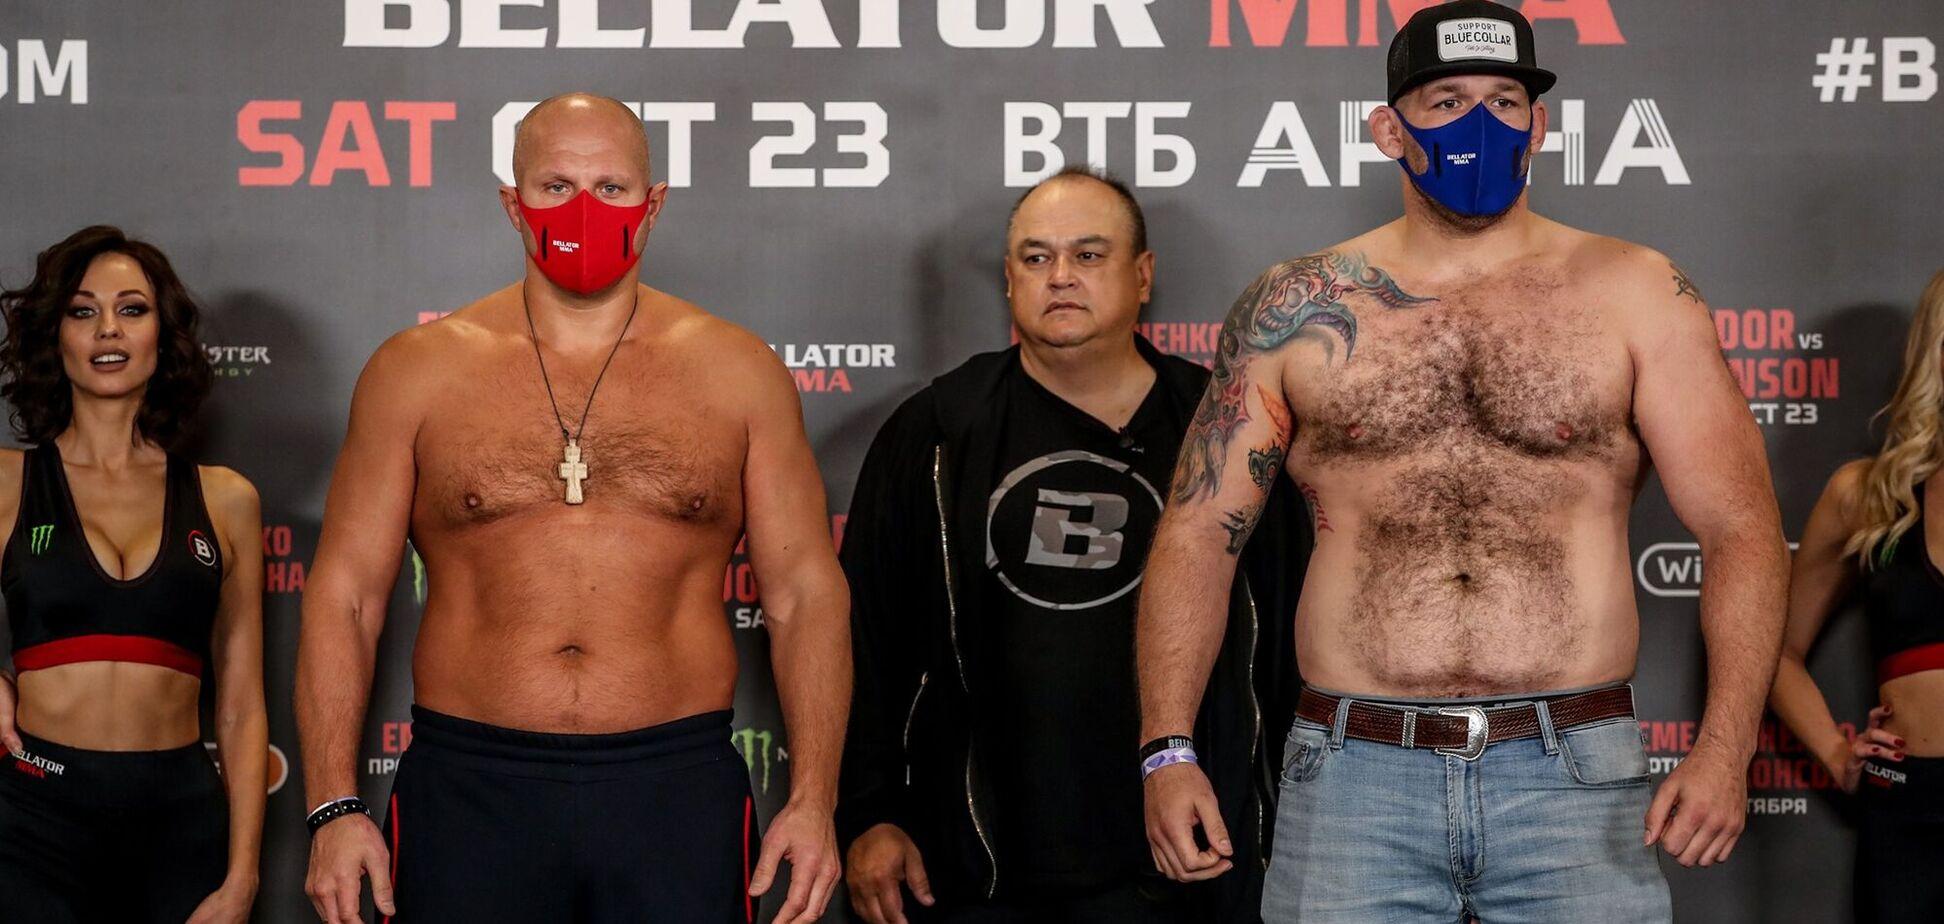 Ємельяненко – Джонсон: онлайн-трансляція головного бою Bellator 269